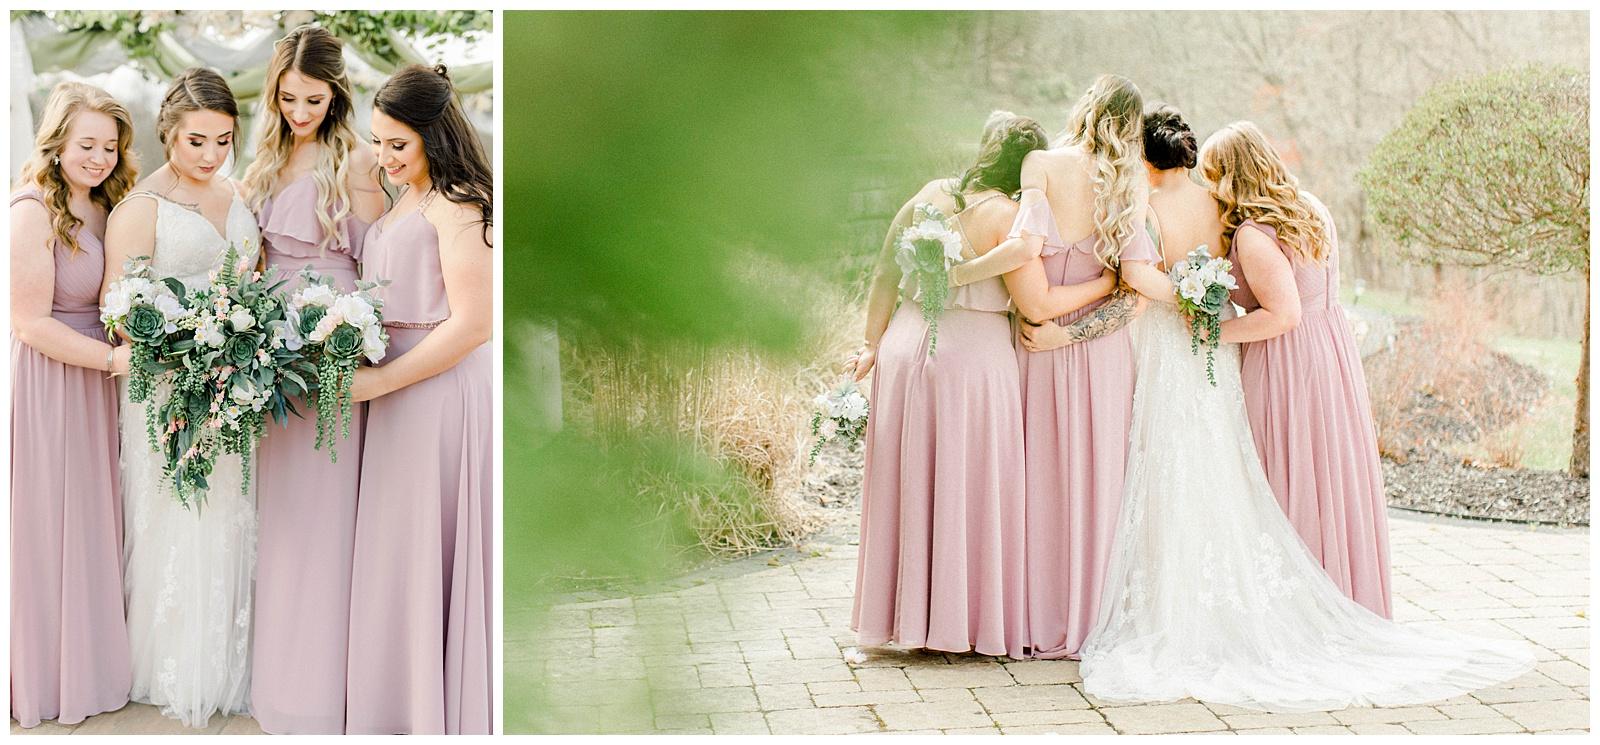 Lewis-Kara-Blakeman-Photography-Huntington-West-Virginia-Wedding-Barn-Olde-Homestead-18